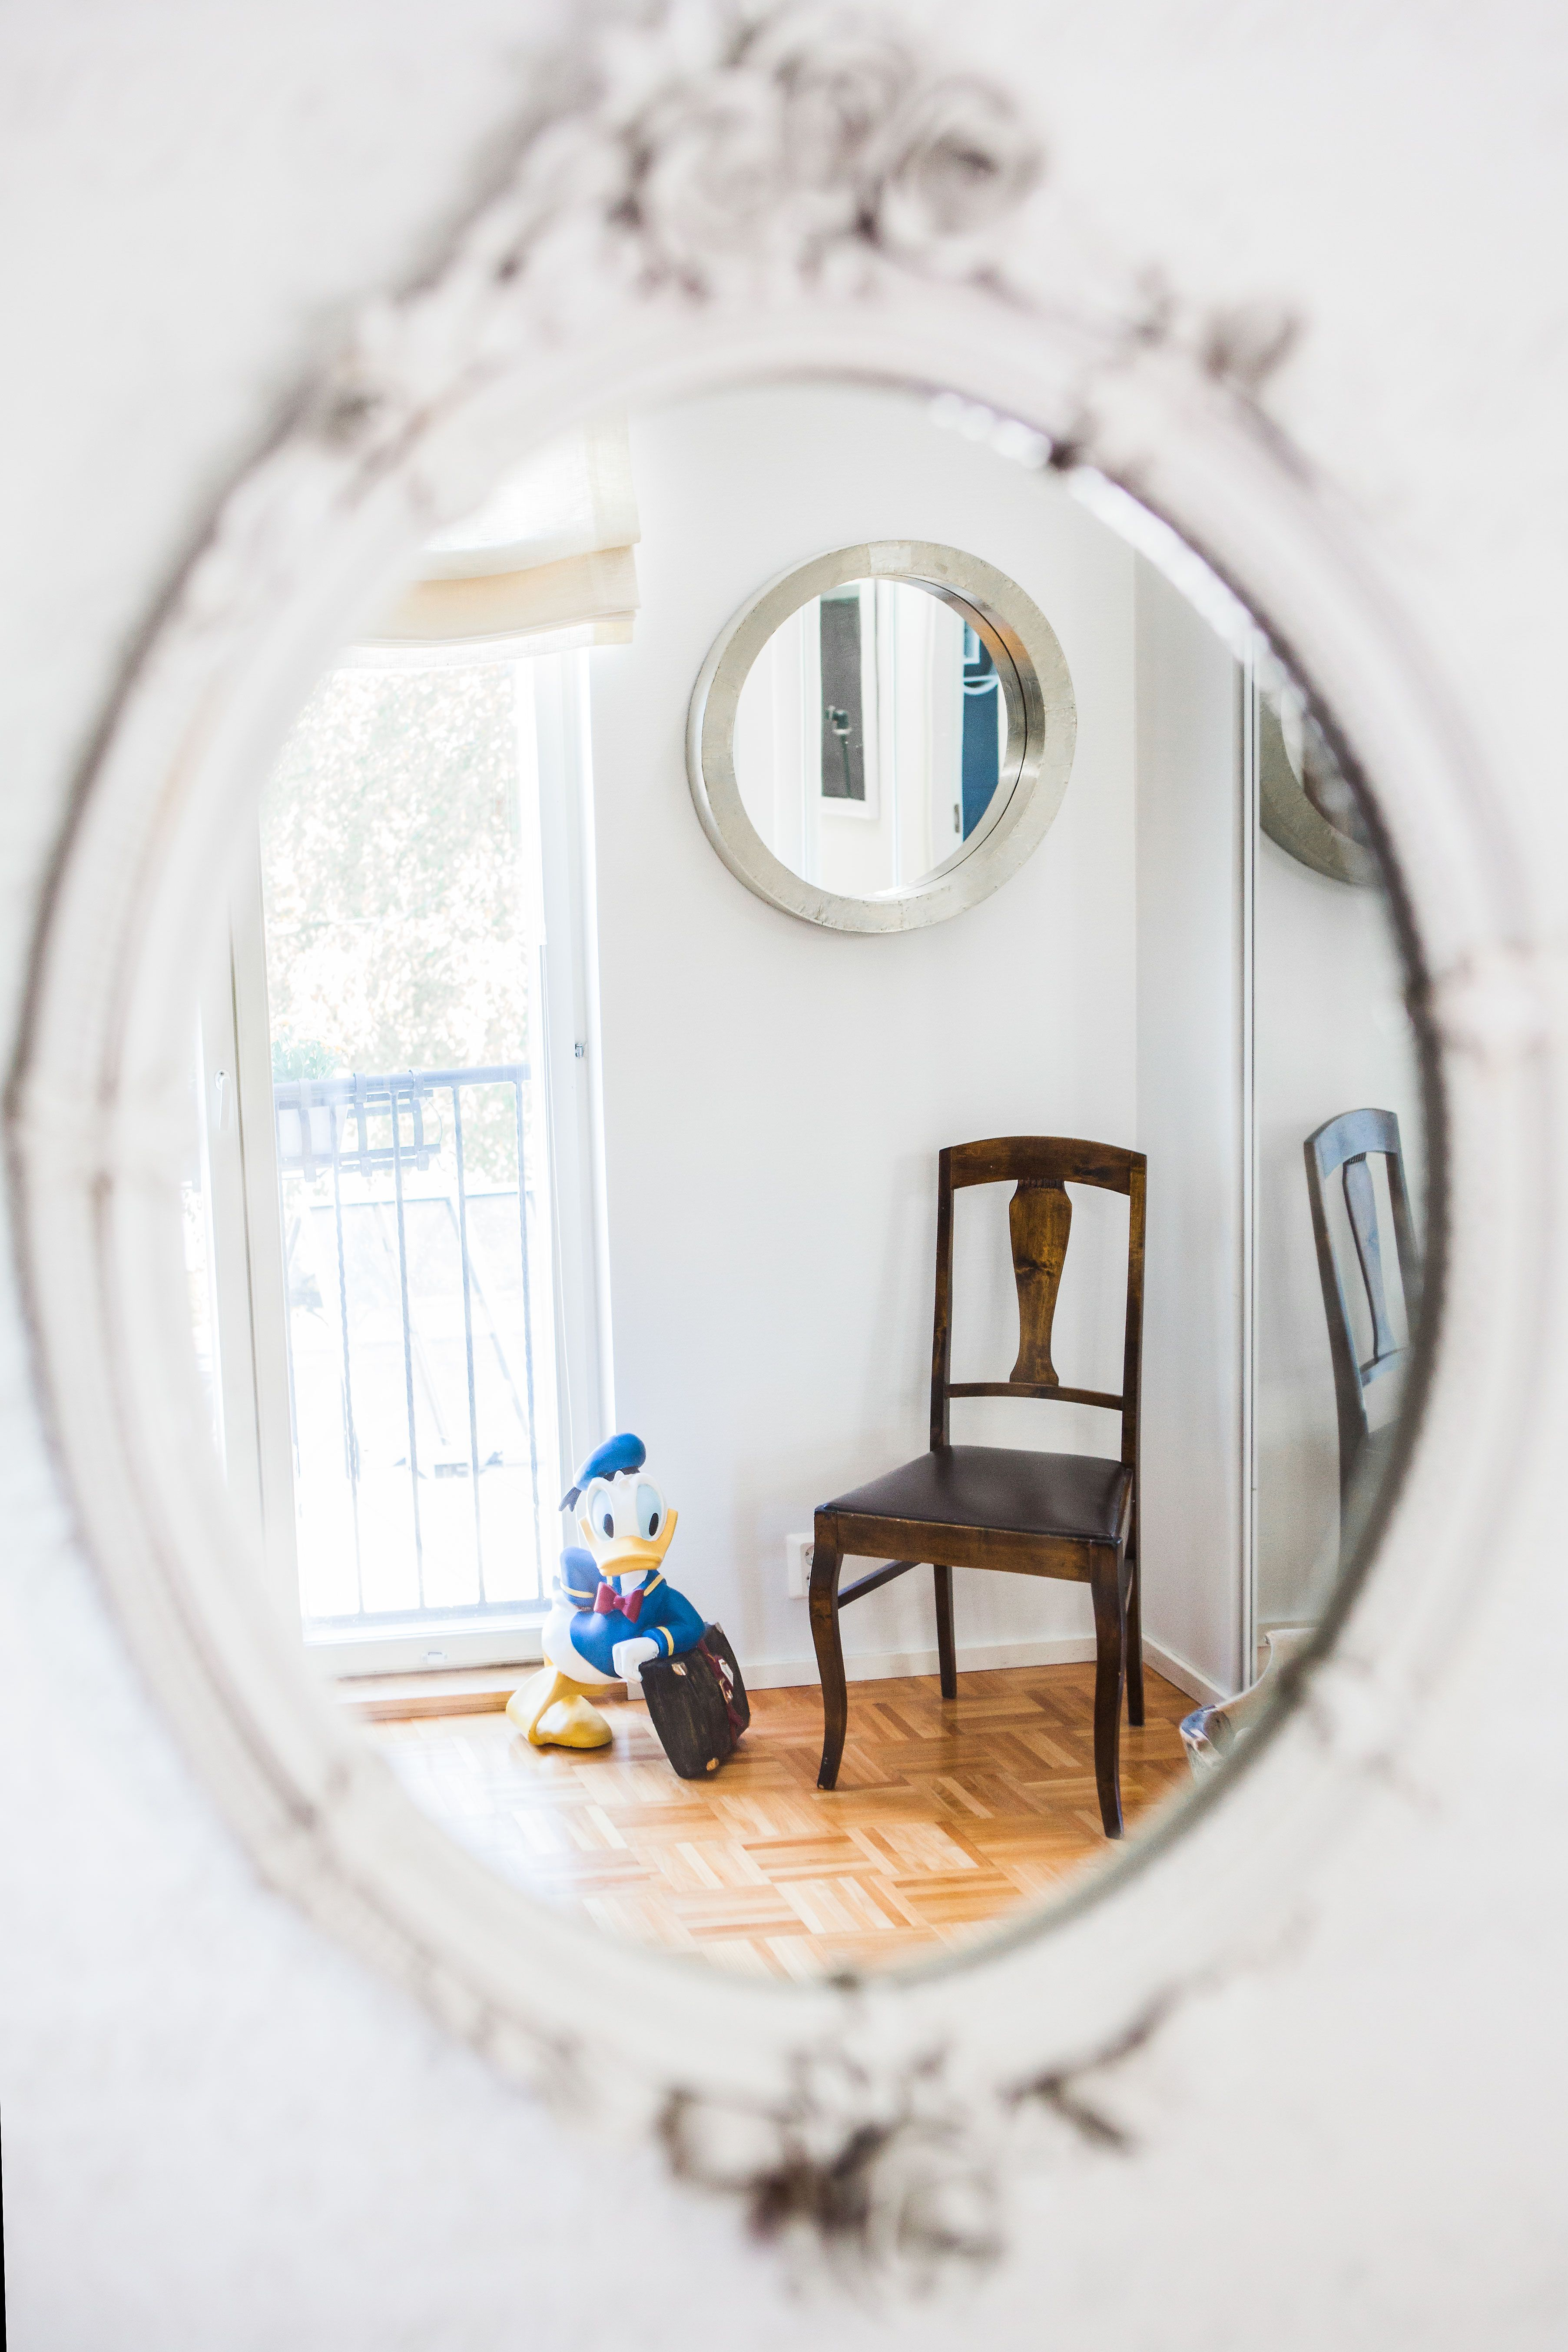 Tämä koti on täynnä kauniita peilejä ja sarjakuvahahmoja. Pientalo ja piha 2/2015 Kuva: Anna Autio